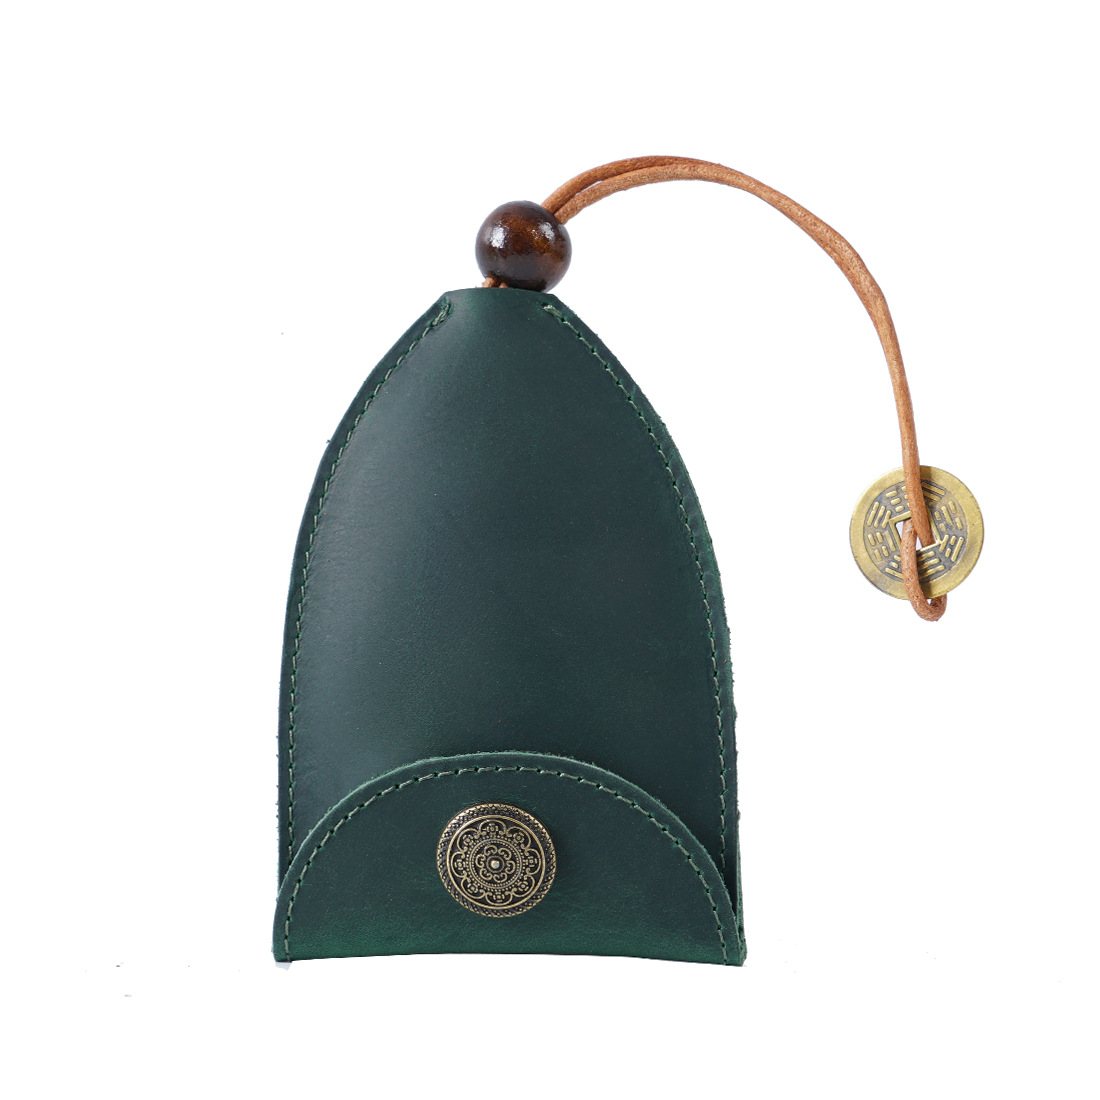 Лидер продаж, автомобильный брелок из воловьей кожи, простой Индивидуальный Мини-чехол для ключей ручной работы из натуральной кожи, защитный чехол для ключей